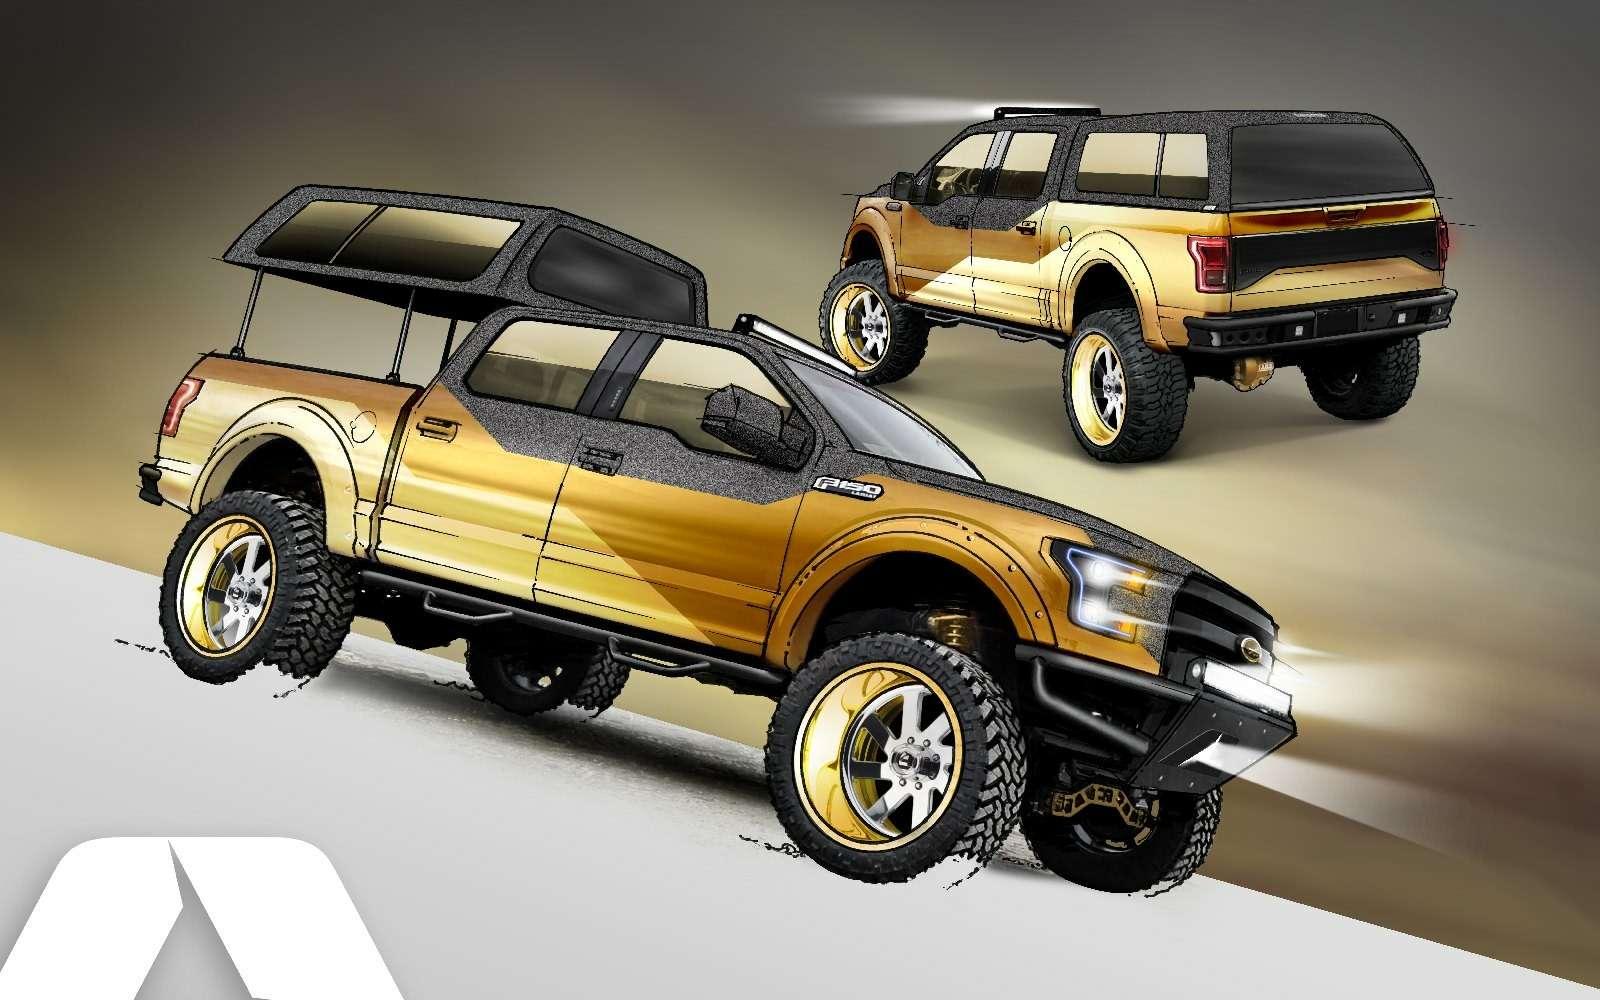 Фантастическая четверка: супер-траки Ford станут звездами выставки SEMA